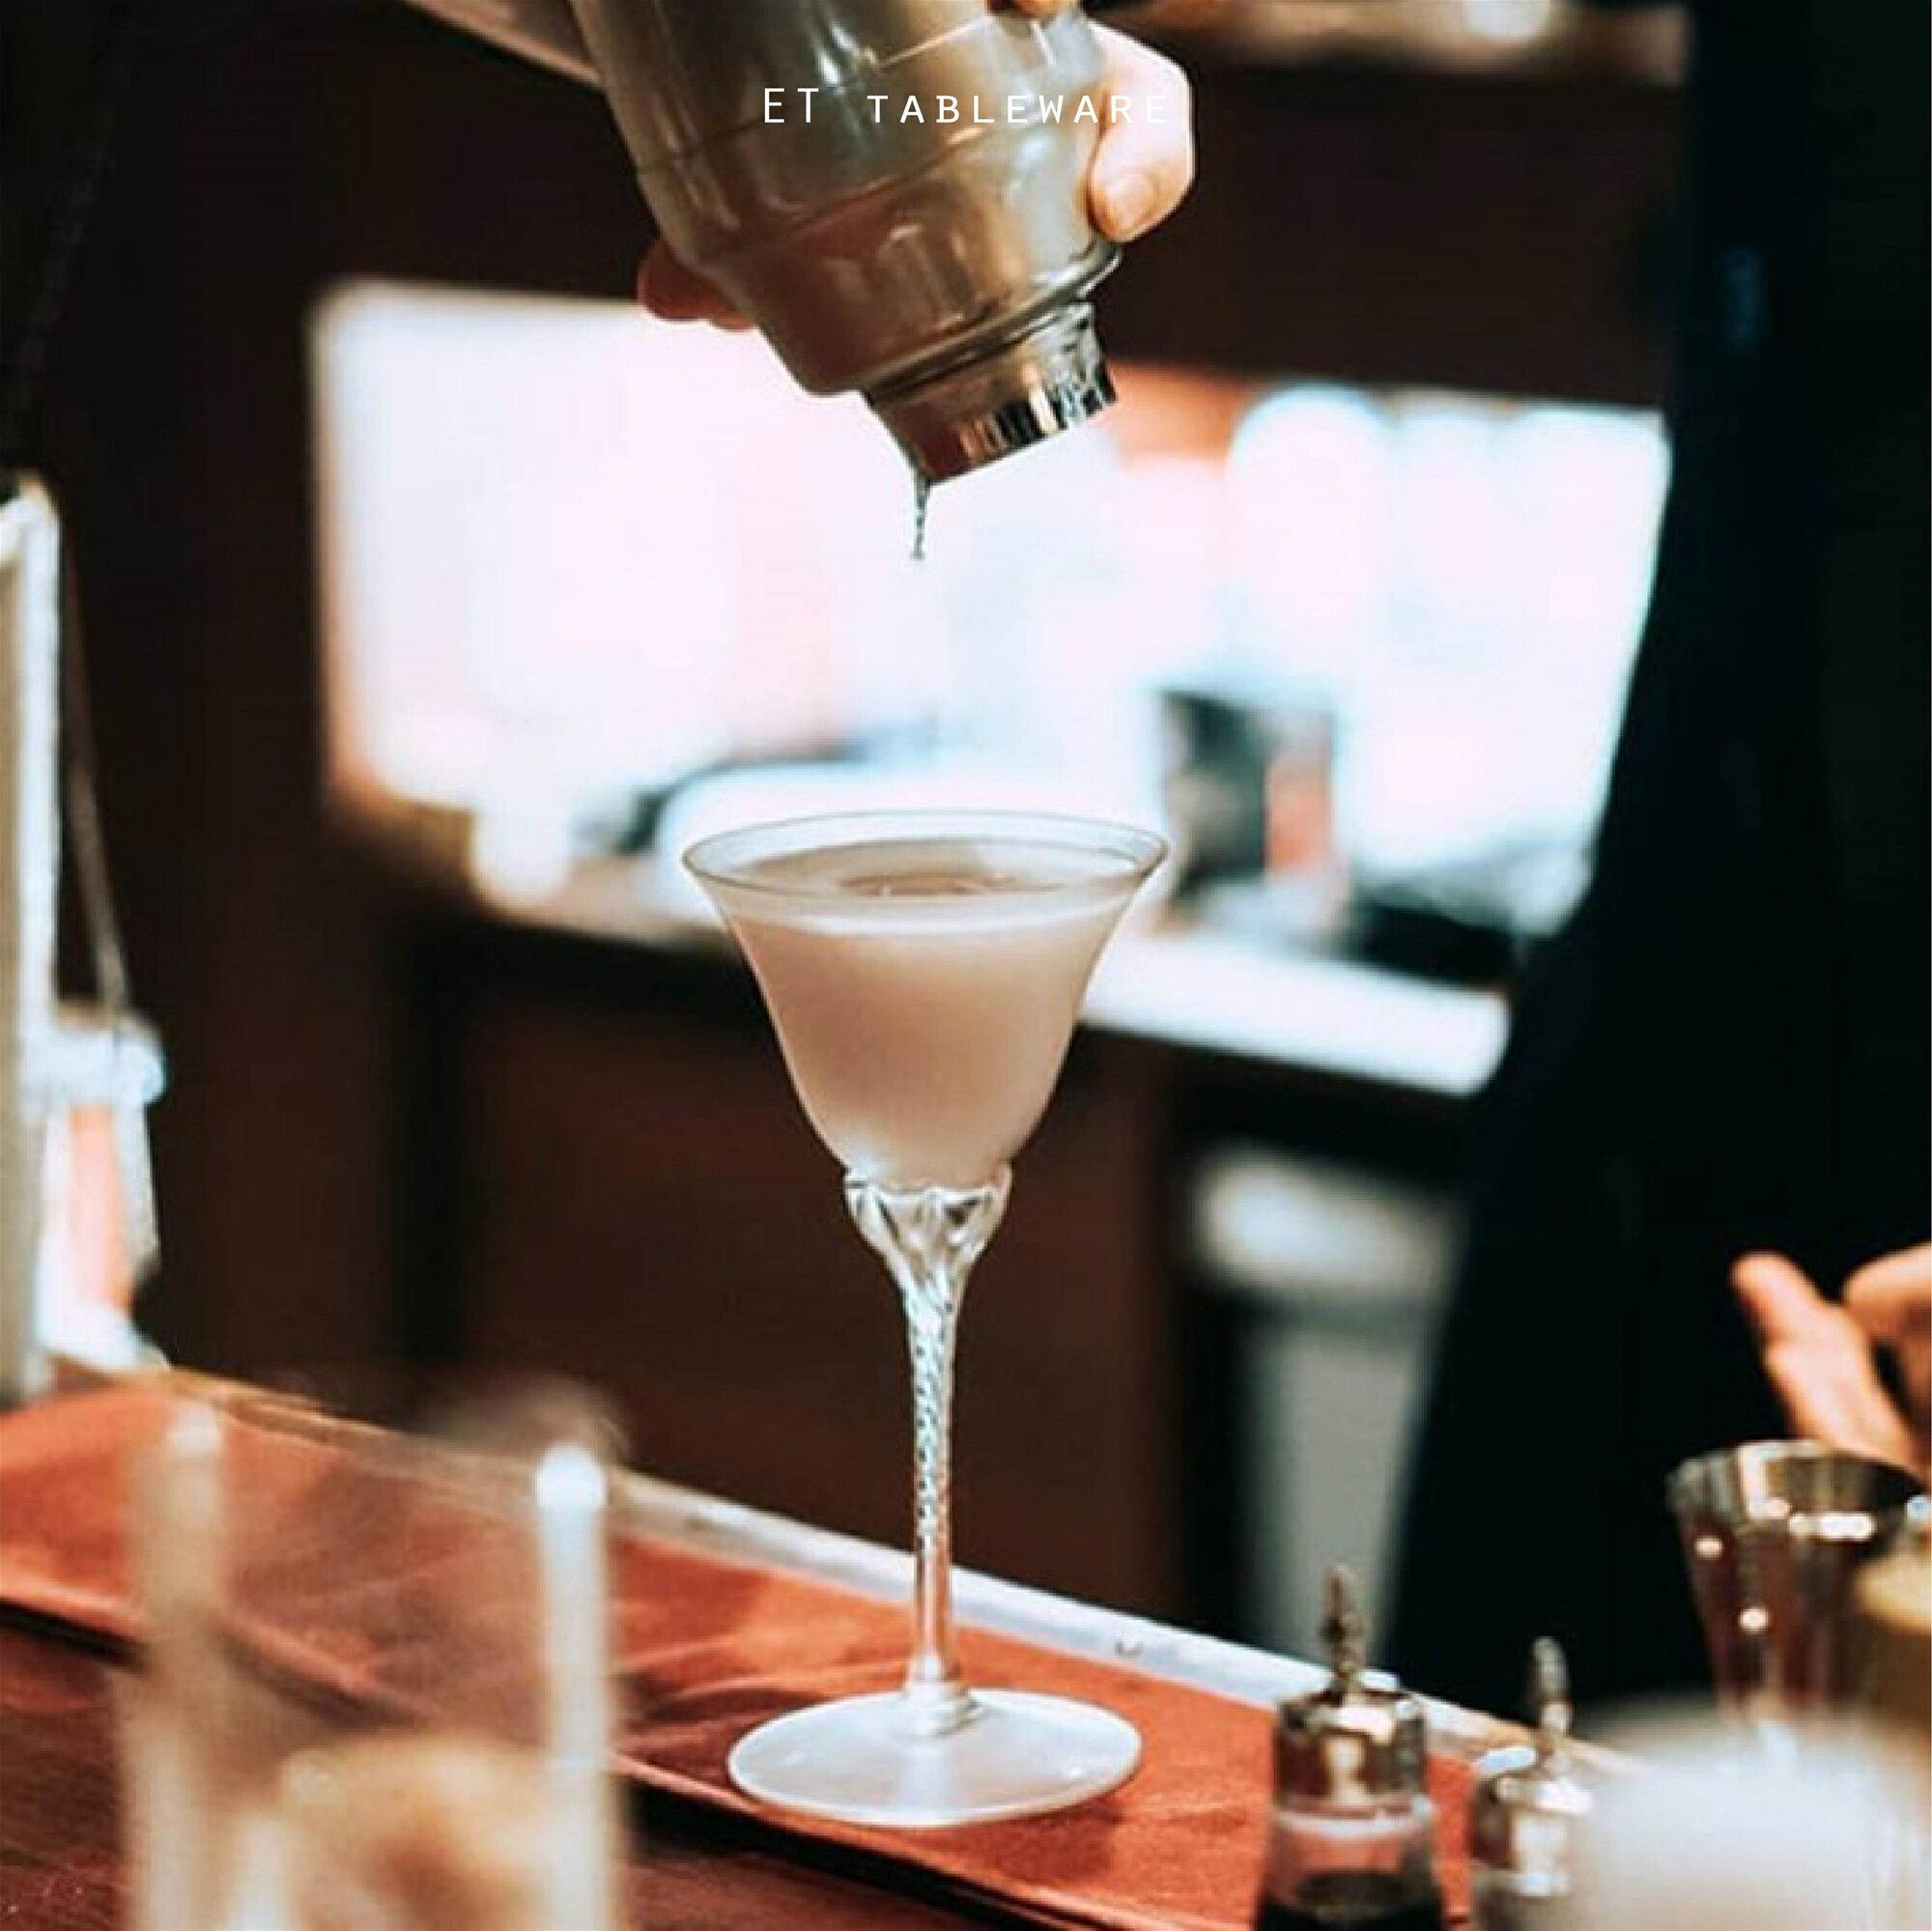 古典麻花桿 100ml 雞尾酒杯|6入.外星人餐具 雞尾酒杯 香檳杯 甜酒杯 高腳杯 果酒杯 調酒杯 強化玻璃杯